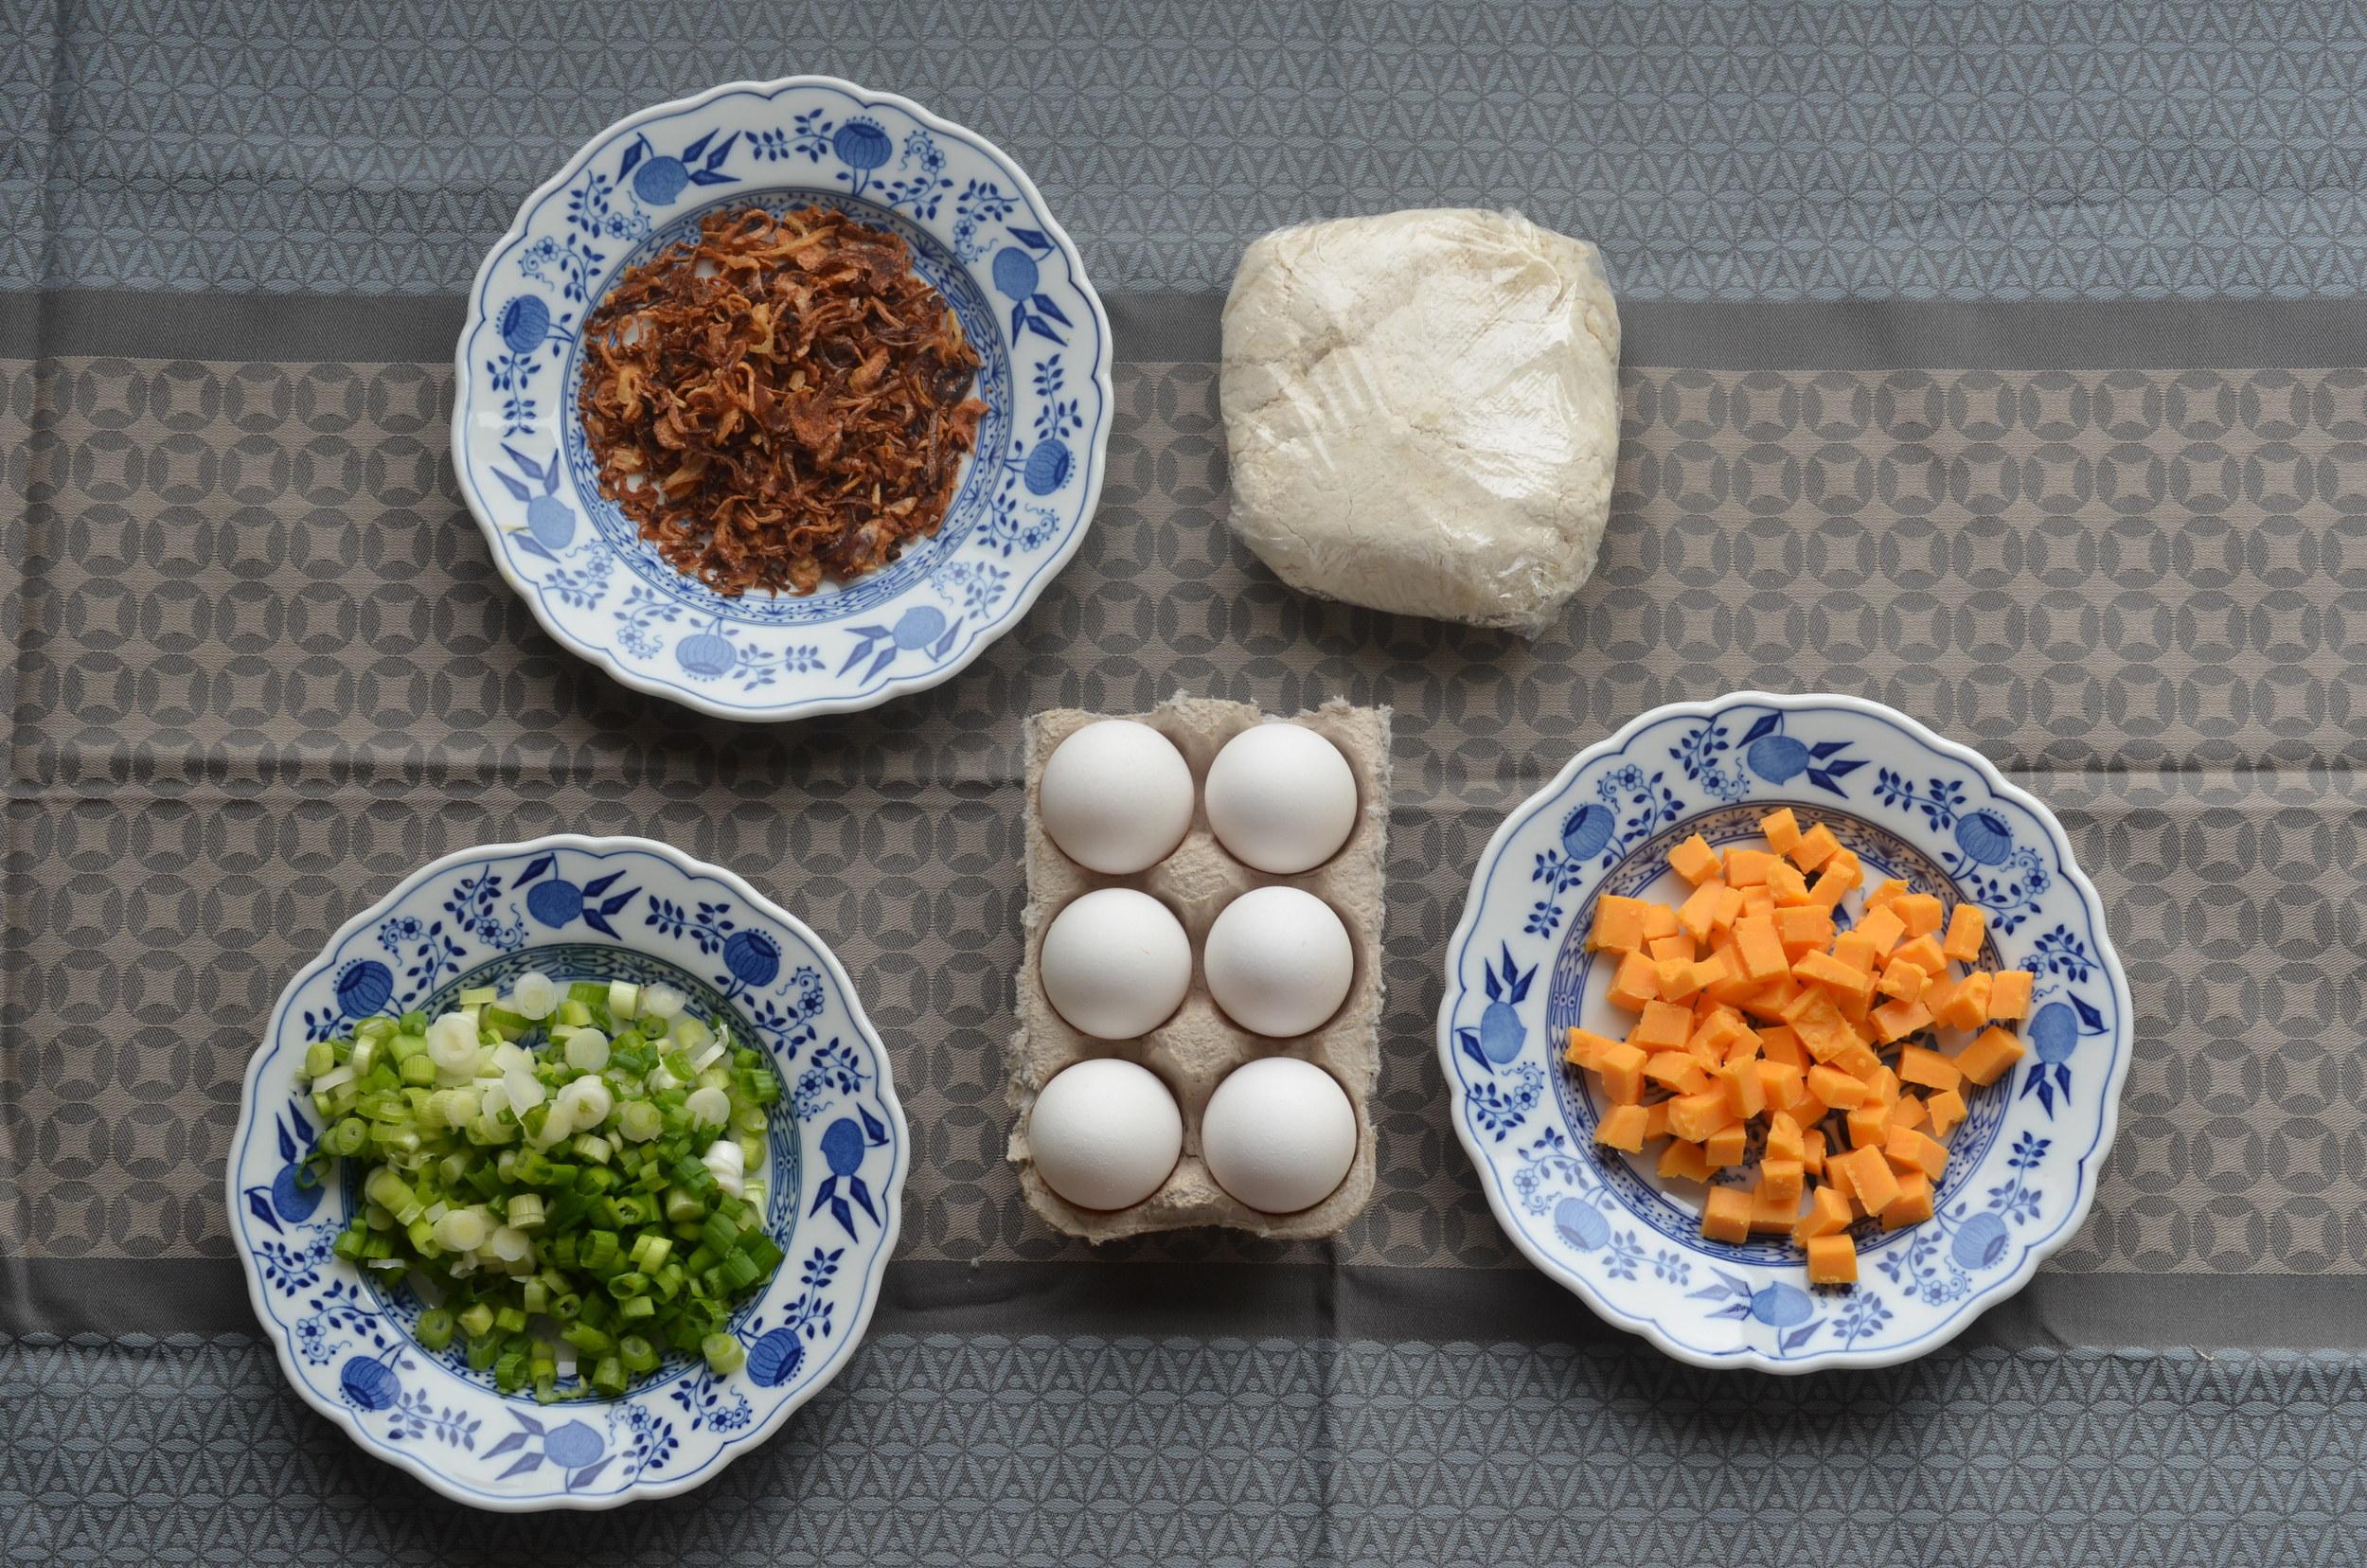 shallot quiche ingredients